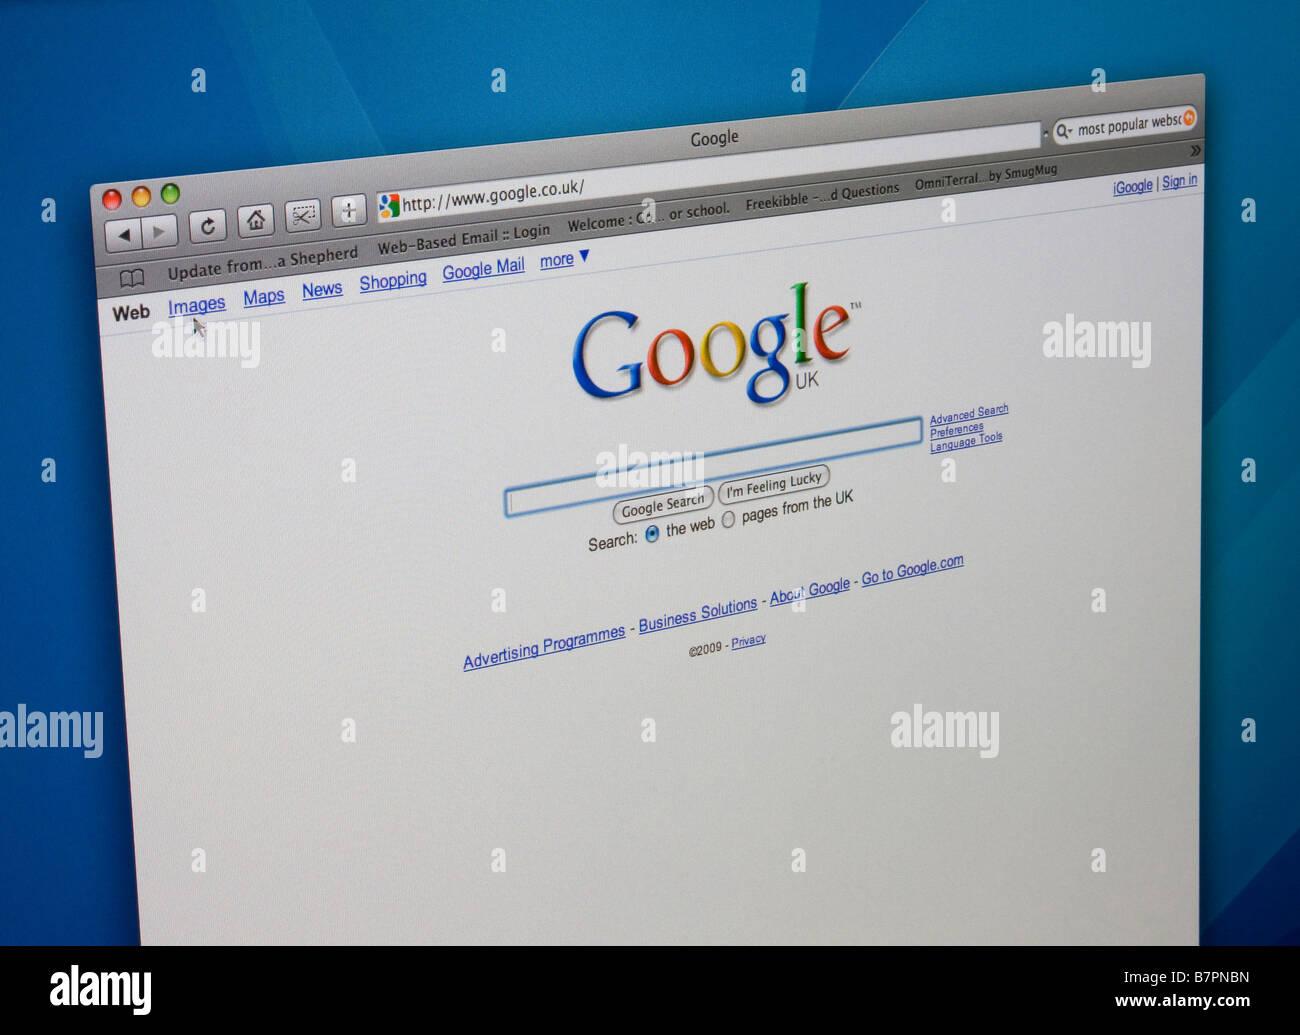 Página de búsqueda de Google homepage. Imagen De Stock